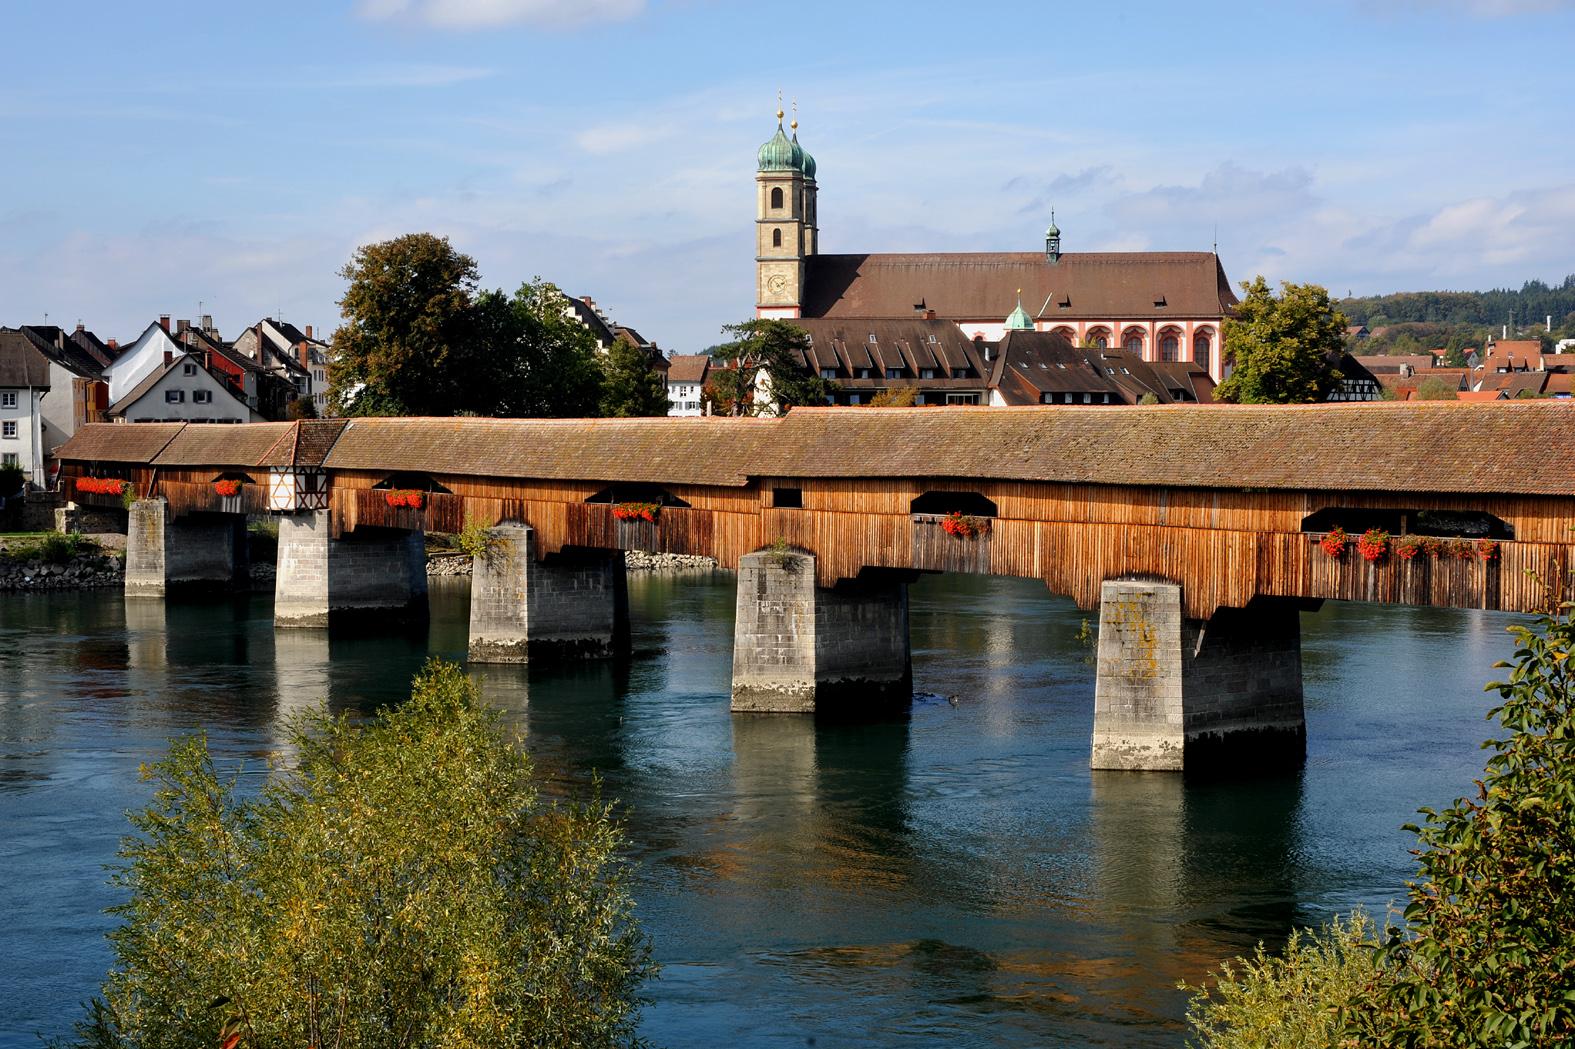 Datei:Holzbruecke Bad Saeckingen 01 09.jpg – Wikipedia